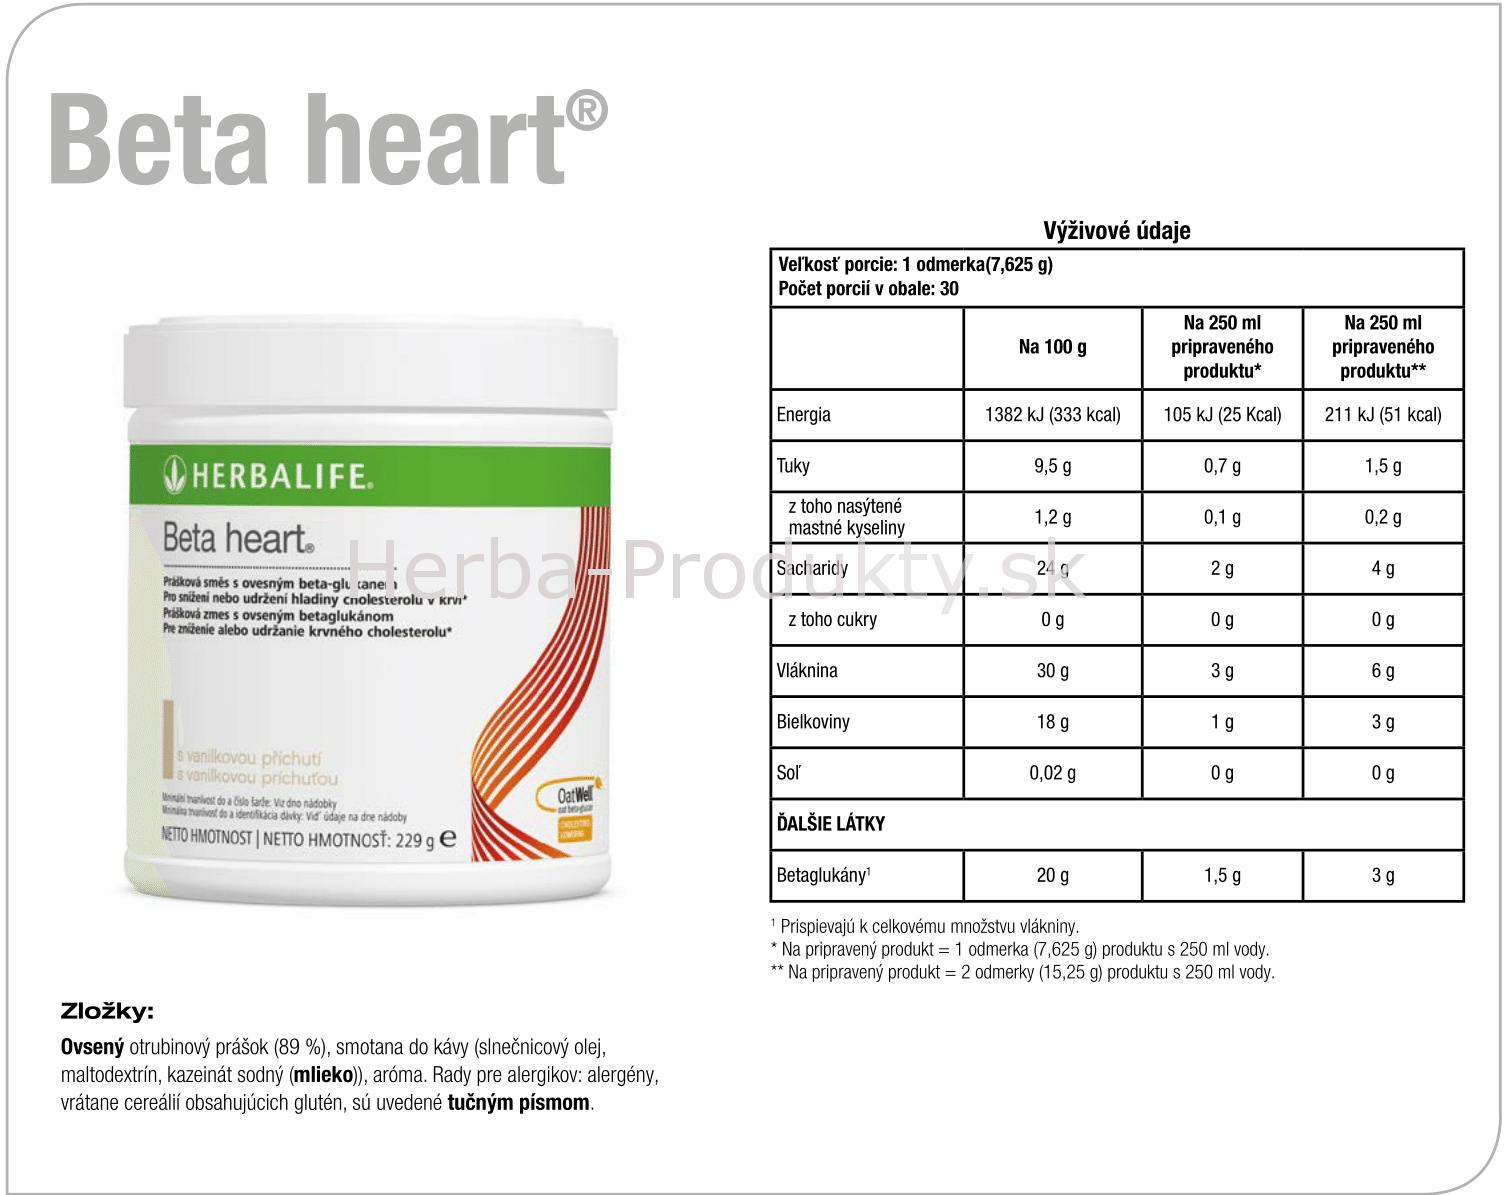 Herbalife Beta heart - Nutričné zloženie